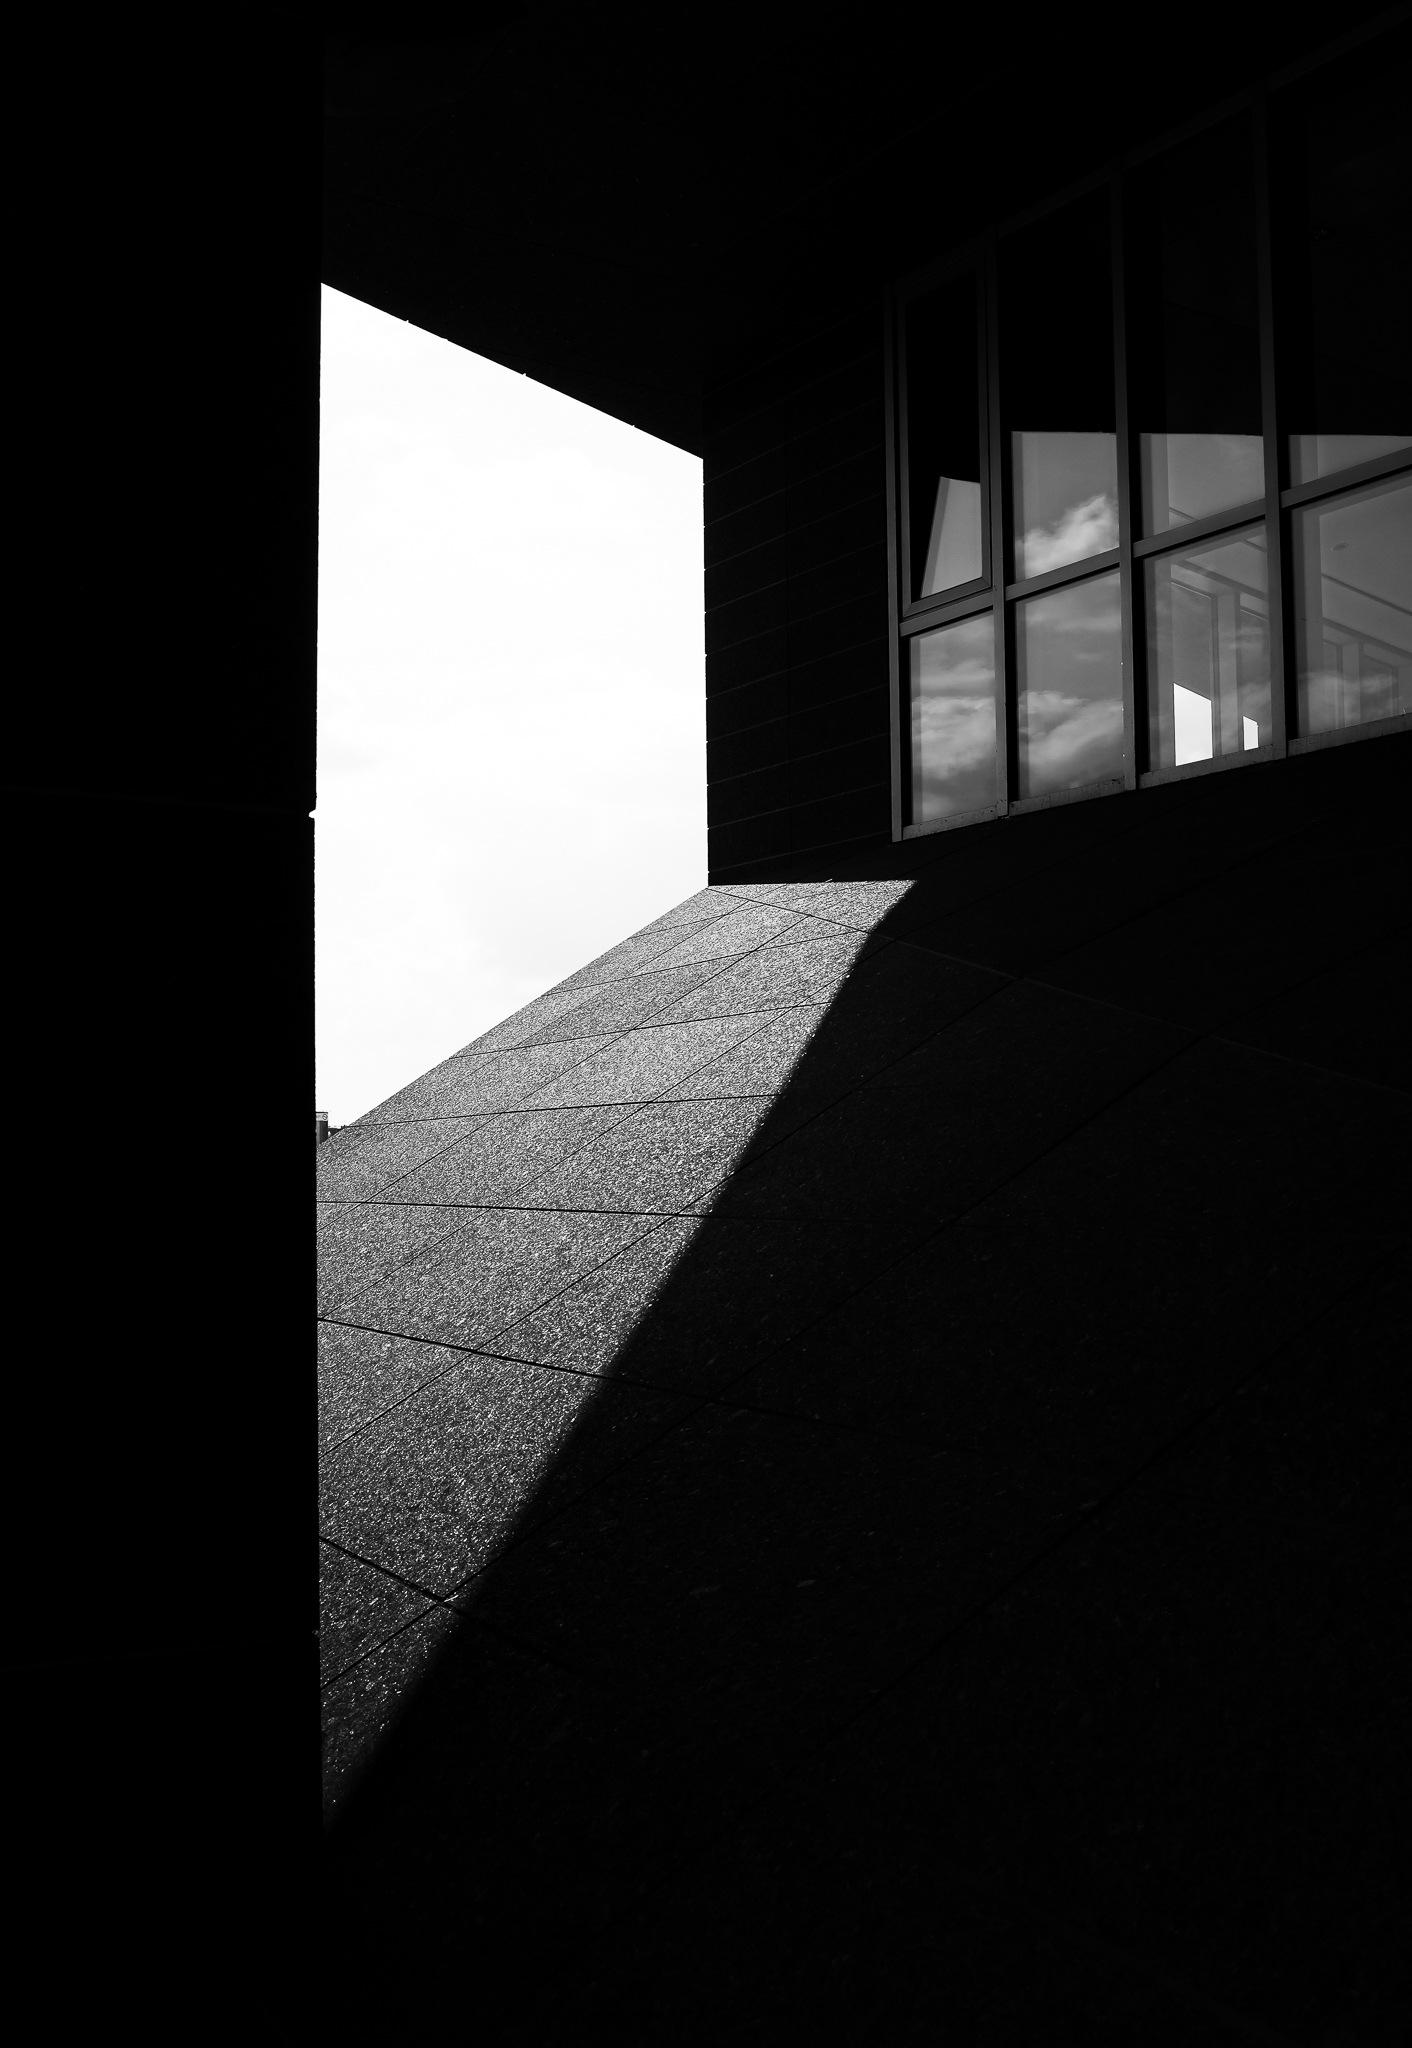 shadows by Robert Glöckner